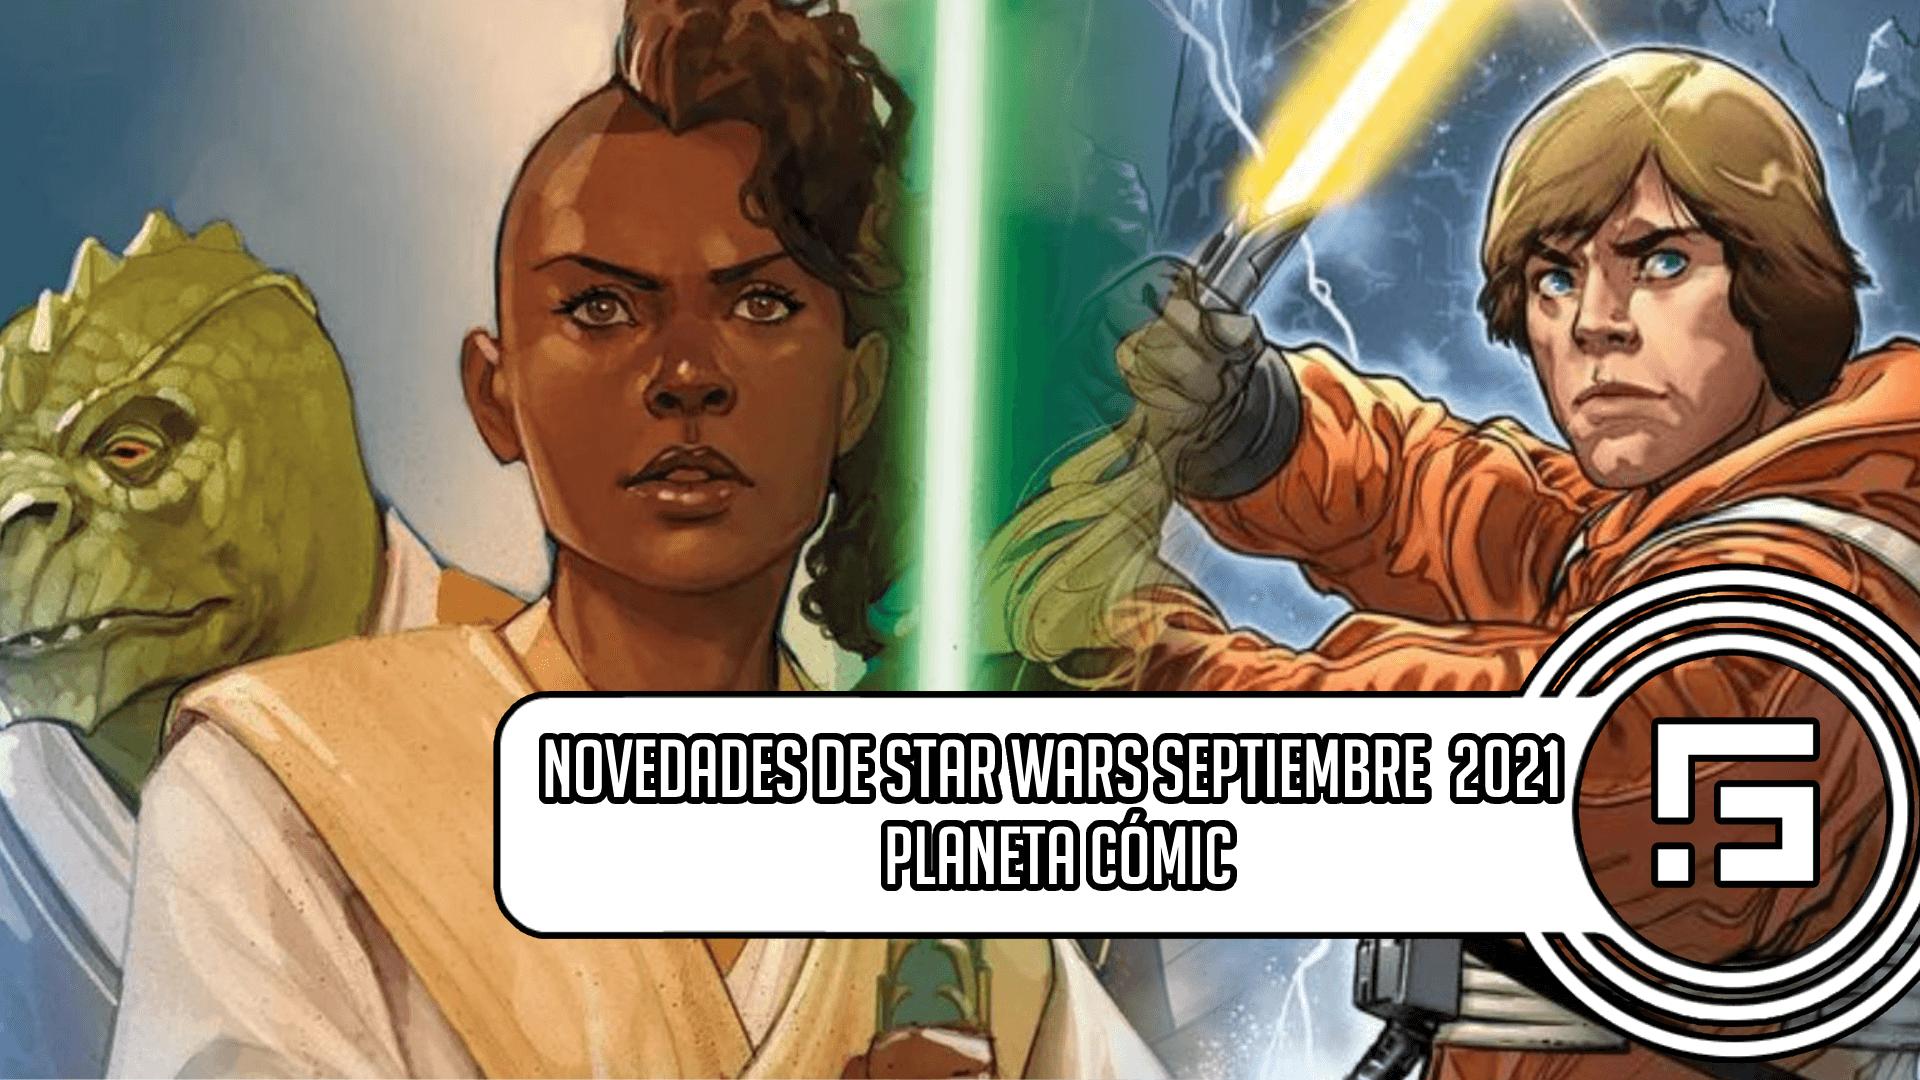 Novedades Planeta Cómic Star Wars 2021 septiembre